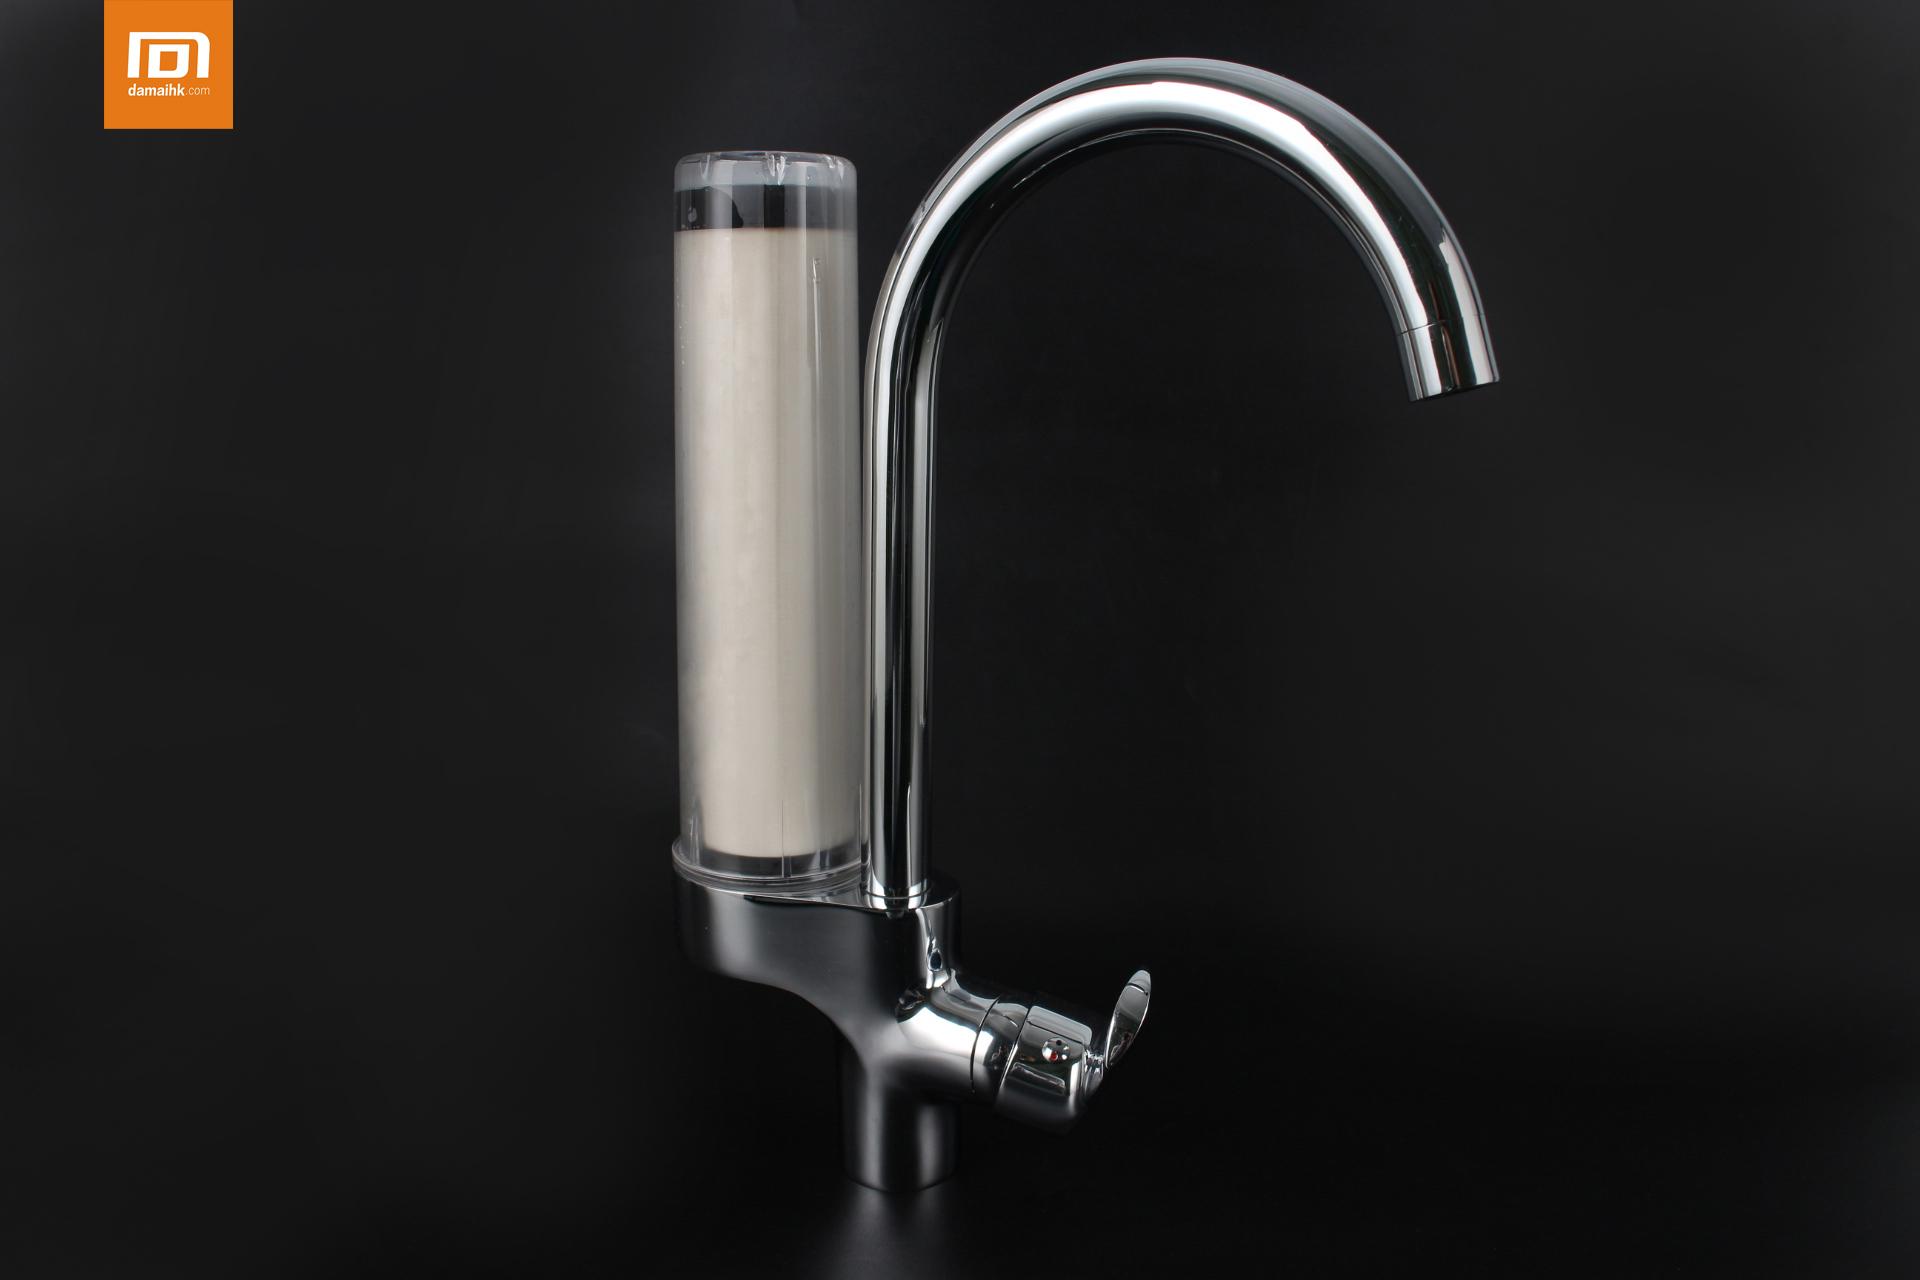 厨房水龙头净水器有用吗